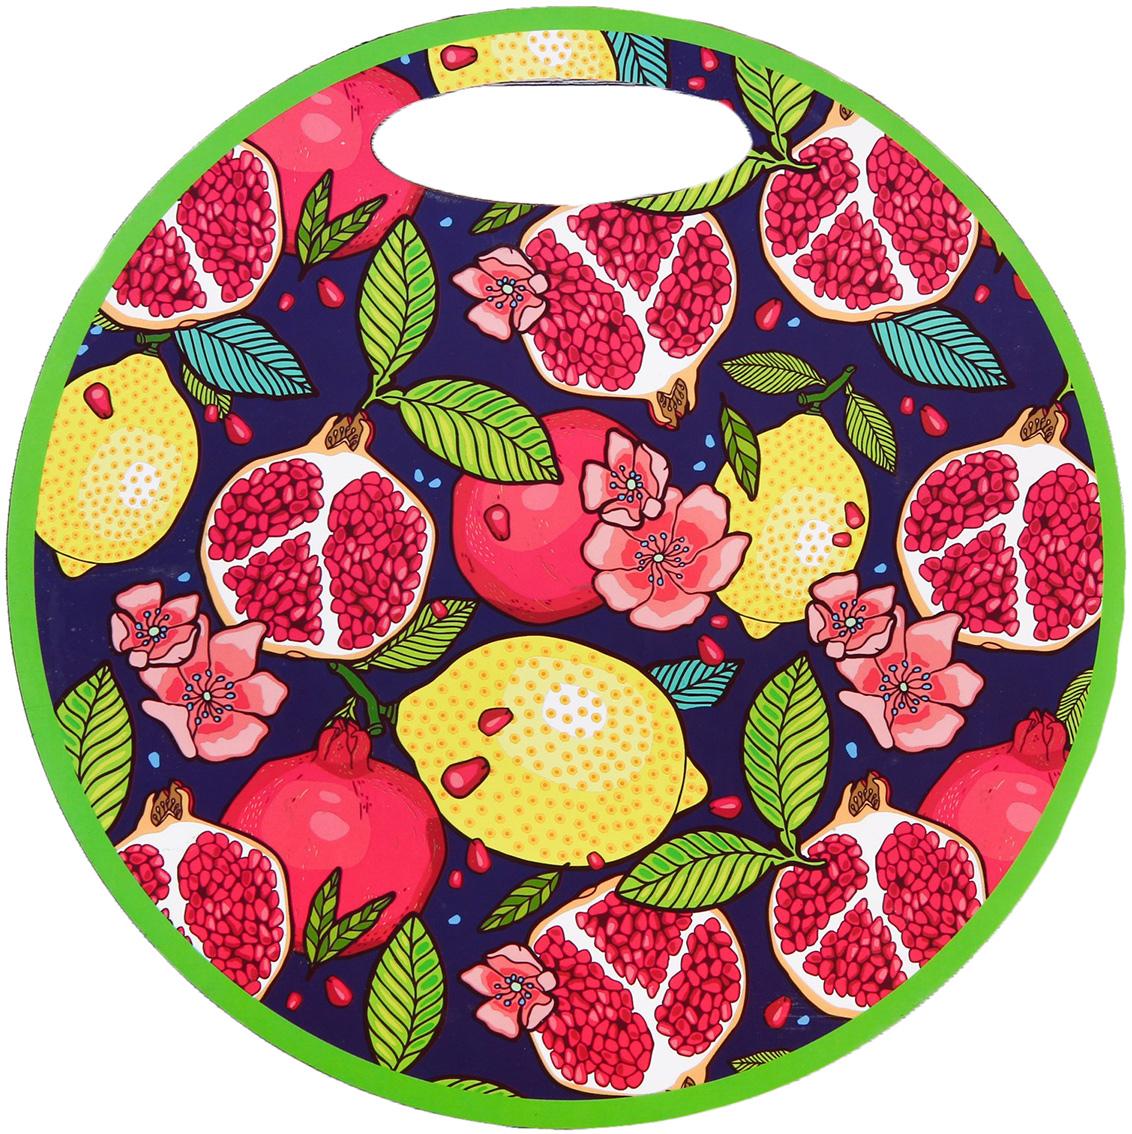 Доска разделочная Фрукты, цвет: фиолетовый, розовый, желтый, зеленый, диаметр 33 см3120319Сувенир в полном смысле этого слова. И главная его задача — хранить воспоминание о месте, где вы побывали, или о том человеке, который подарил данный предмет. Преподнесите эту вещь своему другу, и она станет достойным украшением его дома.От качества посуды зависит не только вкус еды, но и здоровье человека. Товар, соответствующий российским стандартам качества. Любой хозяйке будет приятно держать его в руках. С нашей посудой и кухонной утварью приготовление еды и сервировка стола превратятся в настоящий праздник.